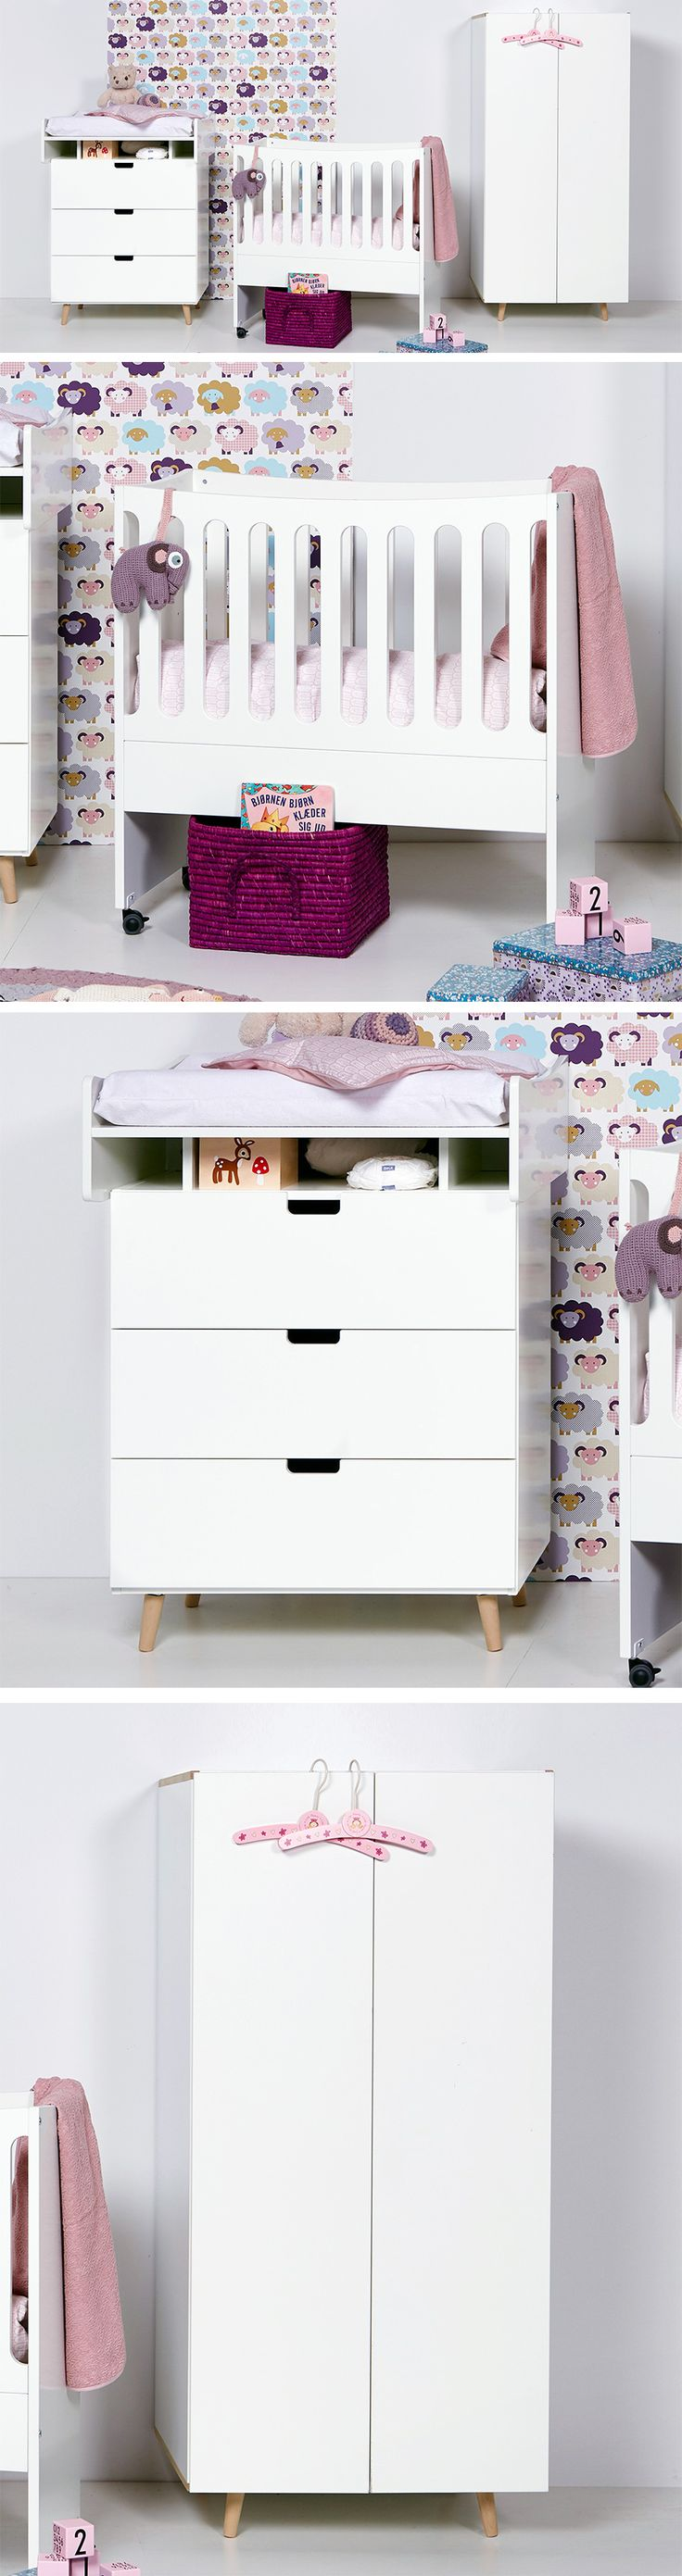 Unique Komplettes Babyzimmer im angesagten Retro Style Schlichtes Wei in Kombination mit typischen Retro